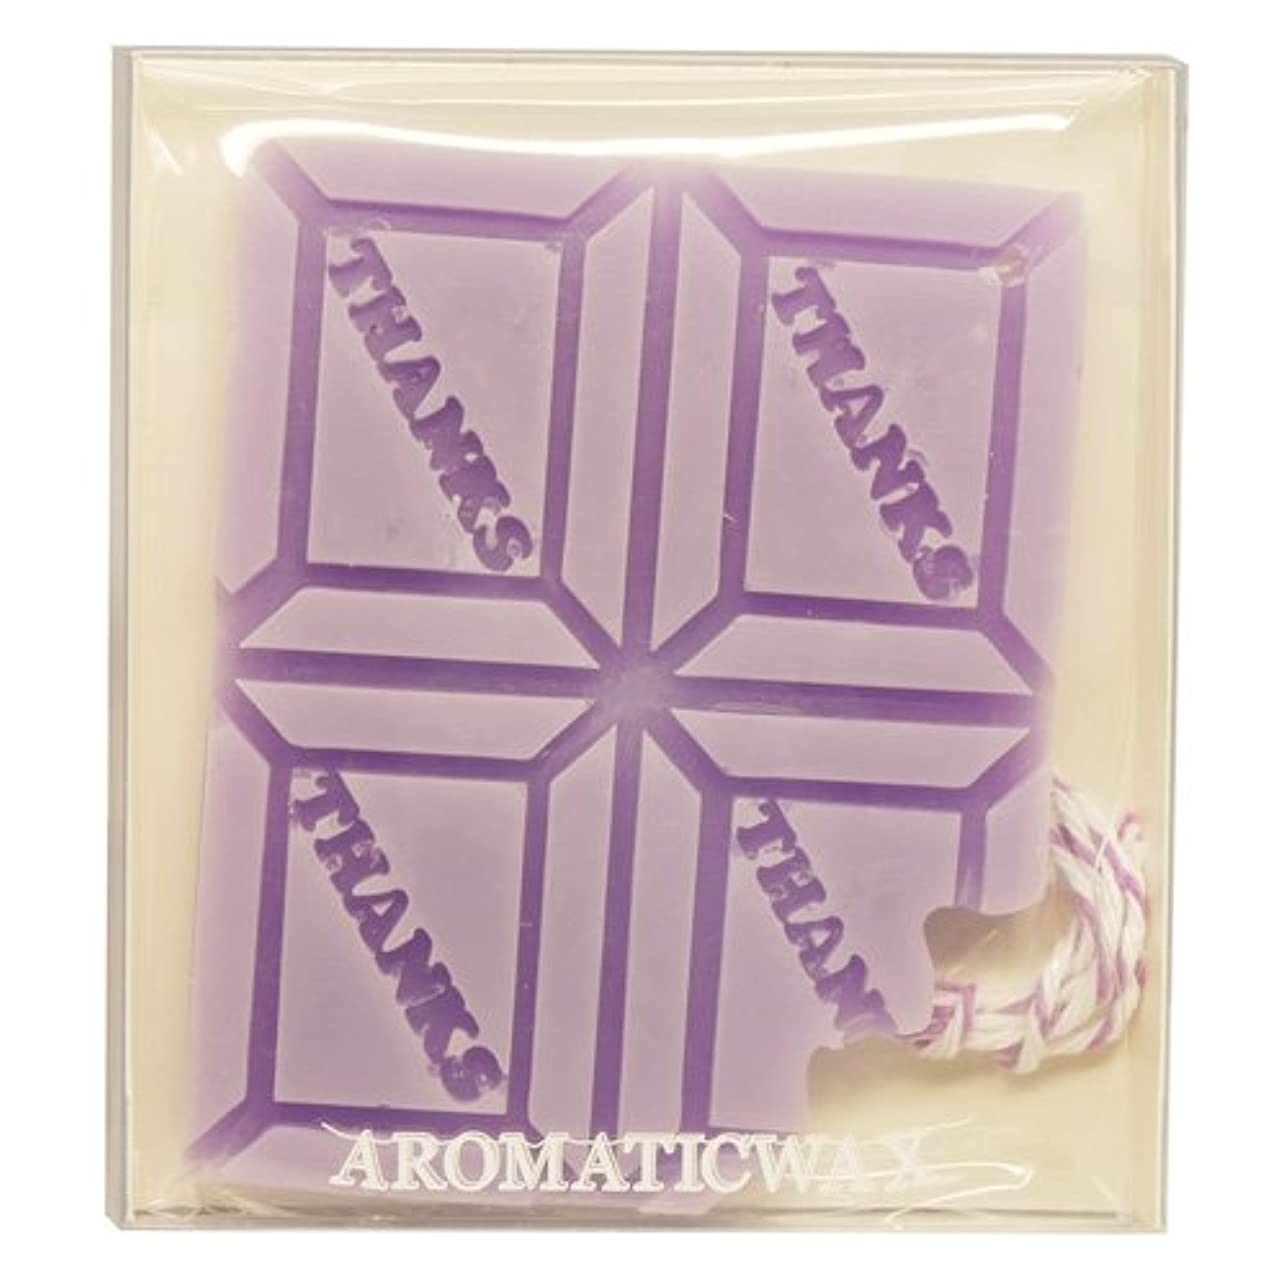 良いウナギ柔らかいGRASSE TOKYO AROMATICWAXチャーム「板チョコ(THANKS)」(PU) ラベンダー アロマティックワックス グラーストウキョウ